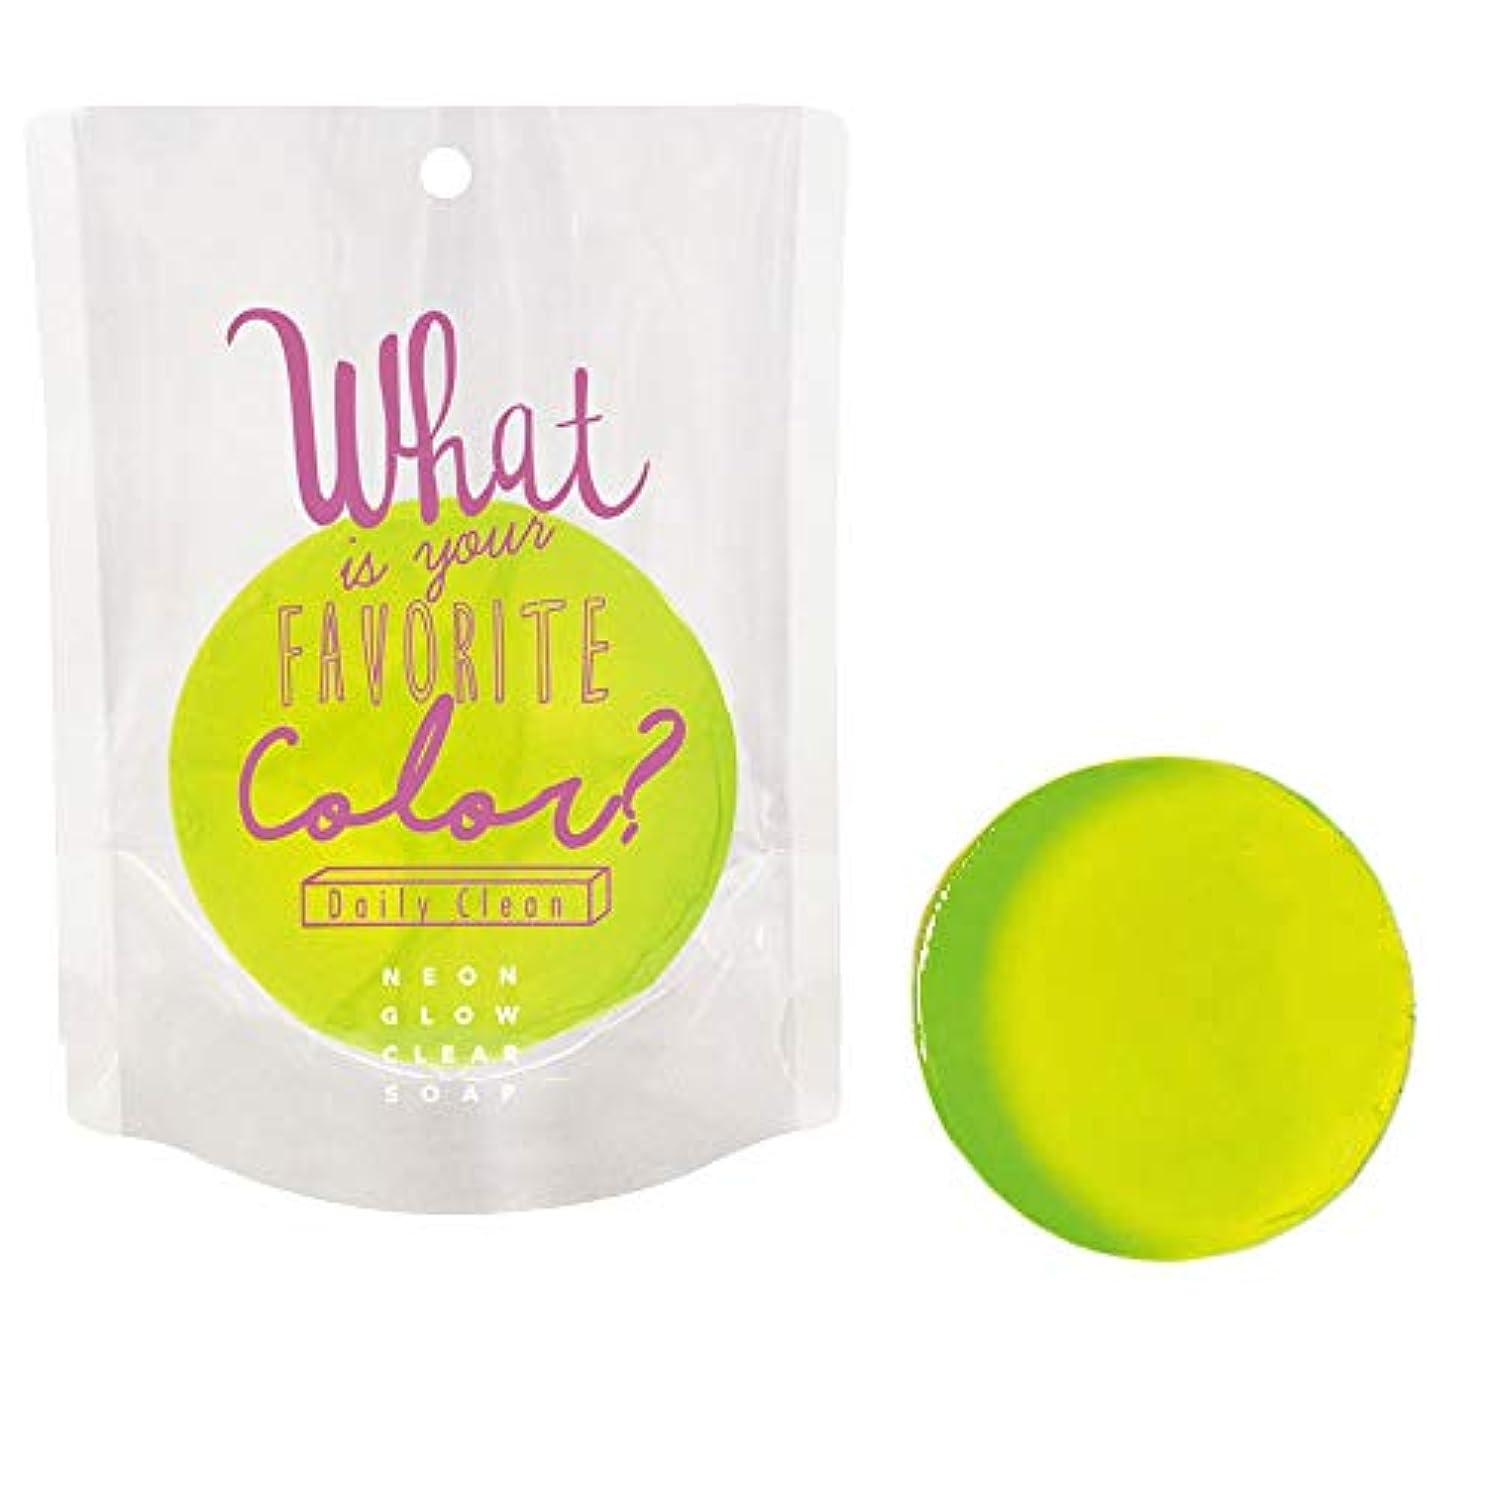 遅れファンシープライバシーネオングロークリアソープ ob-ngw-2-1-4(02/パパイヤ) Neon Glow Clear Soap 石鹸 ノルコーポレーション 固形 せっけん カラフル 香り 清潔 ギフト プレゼント